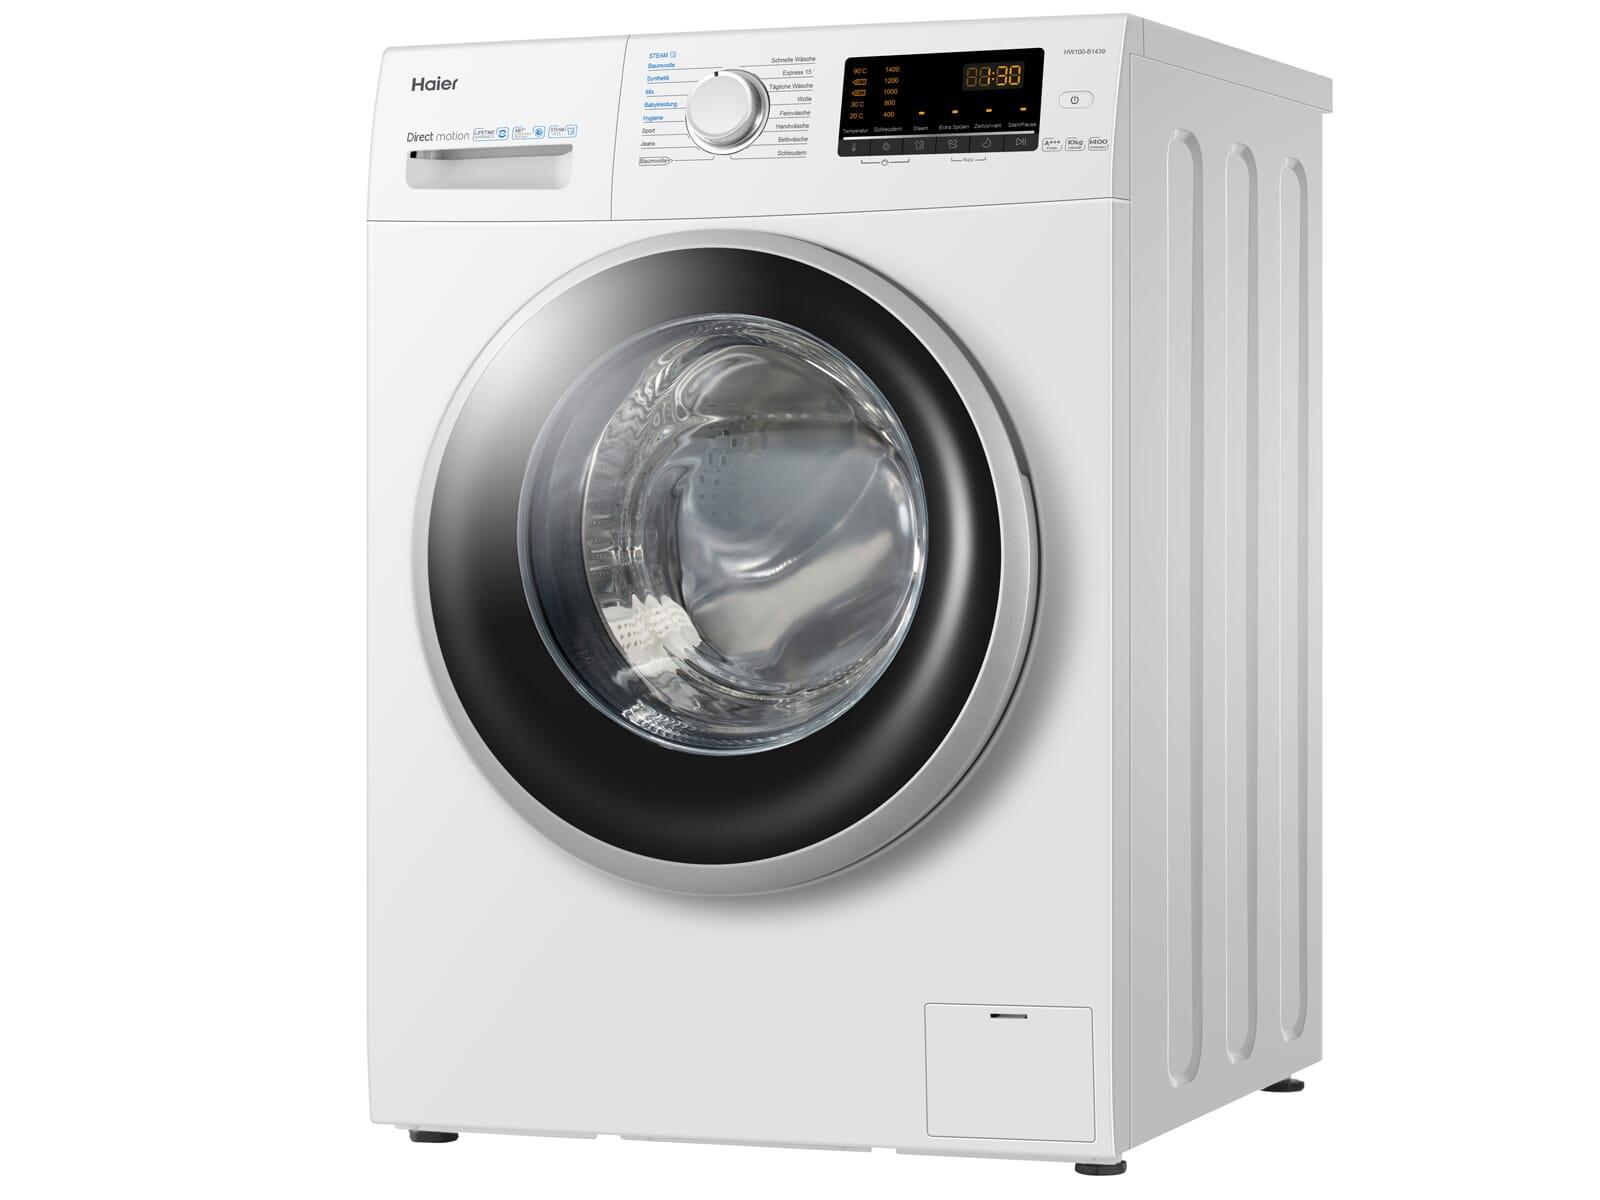 Haier HW100-B1439 Waschmaschine Weiß